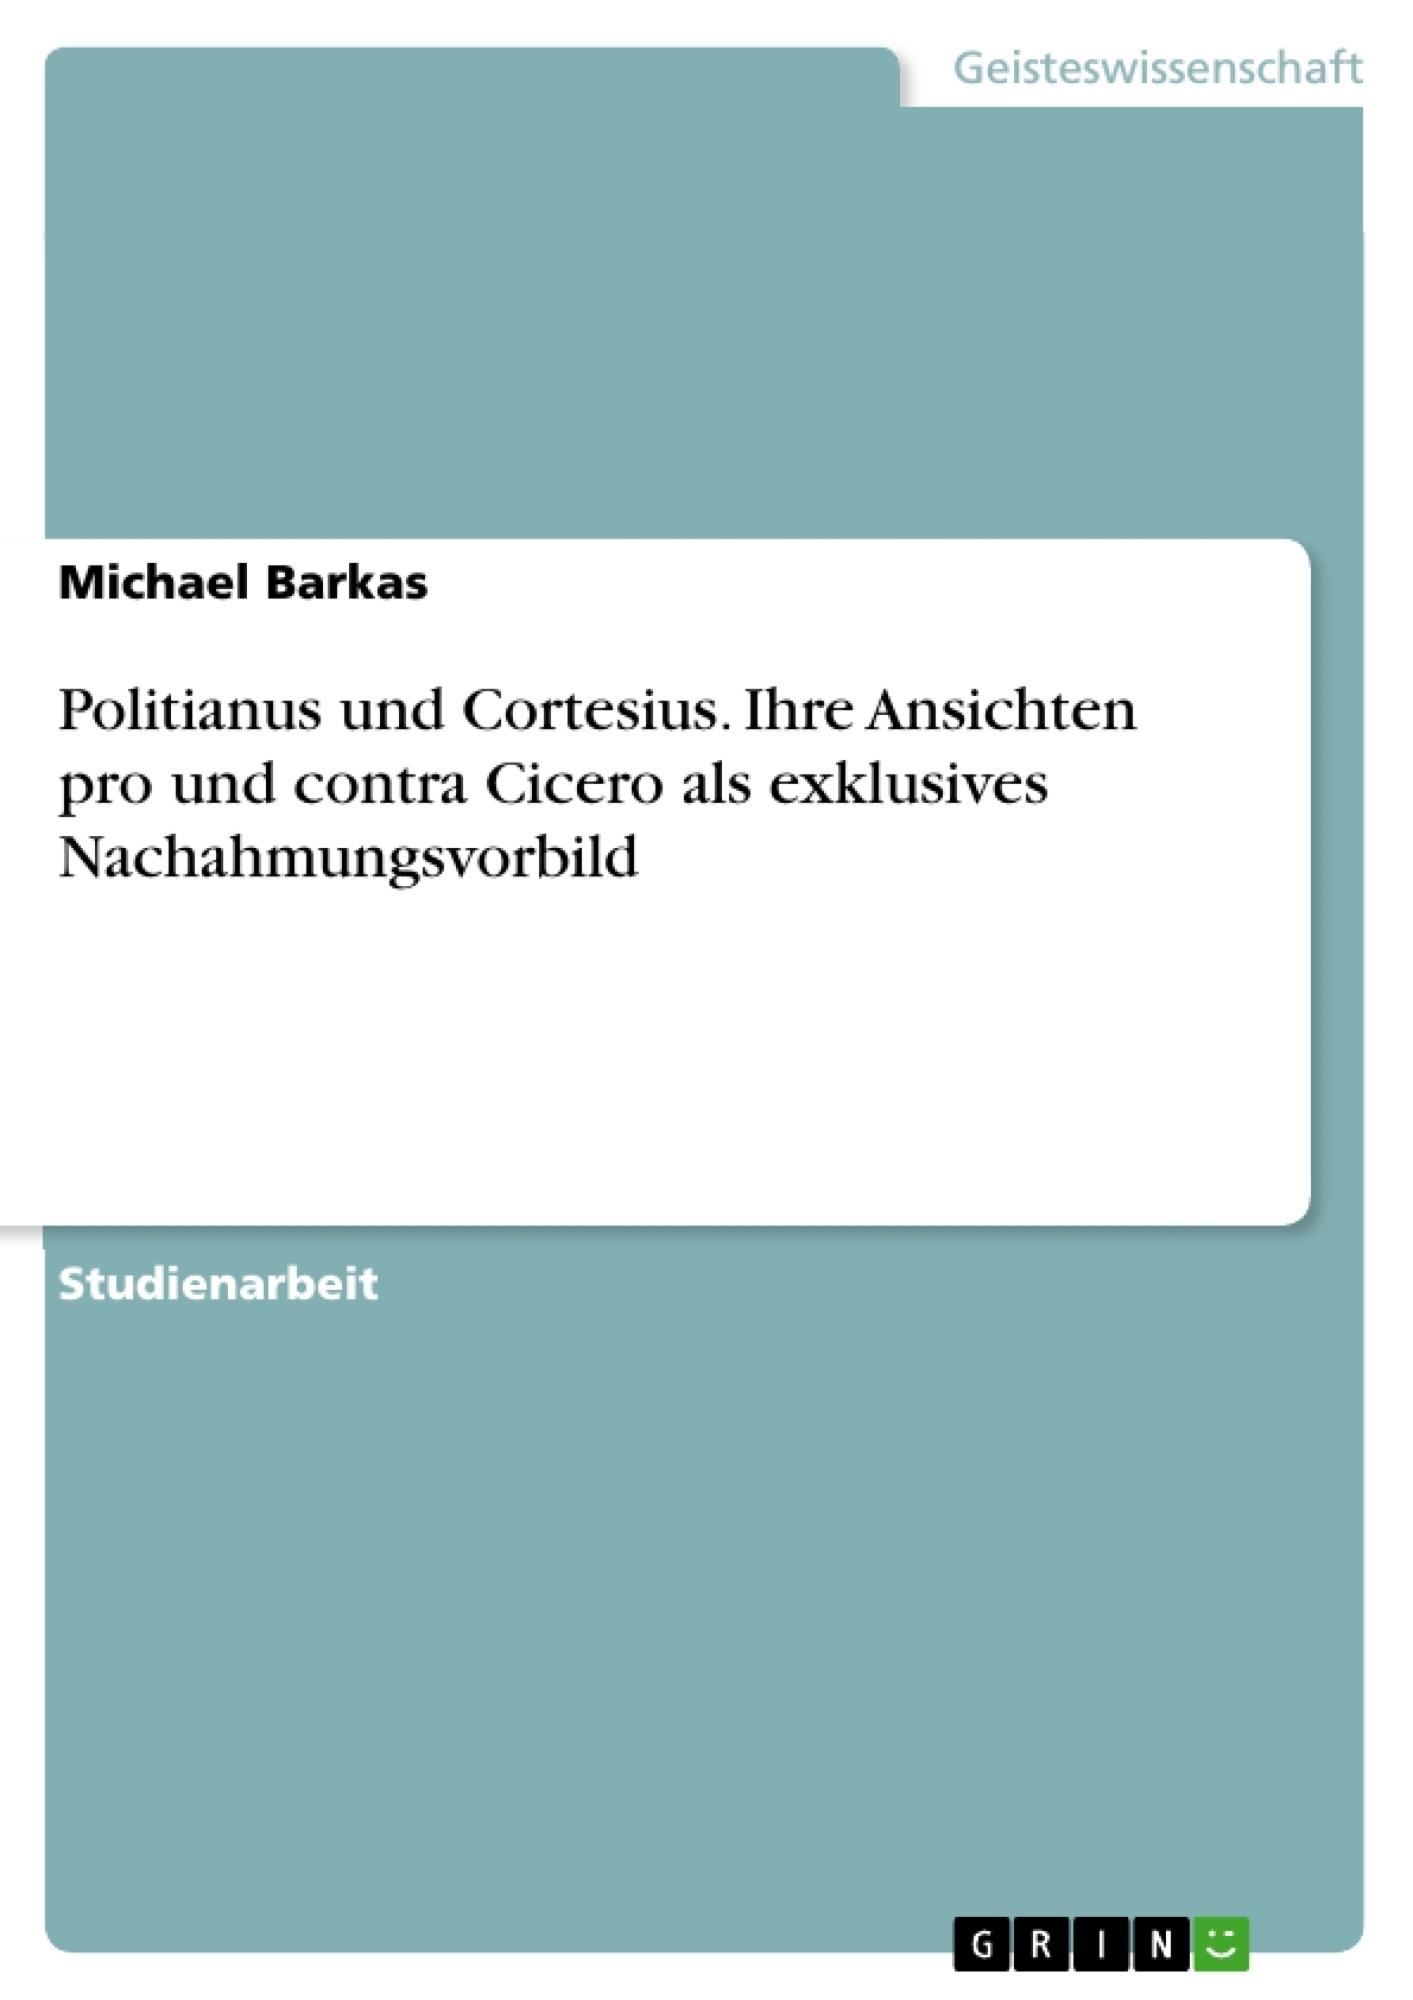 Titel: Politianus und Cortesius. Ihre Ansichten pro und contra Cicero als exklusives Nachahmungsvorbild